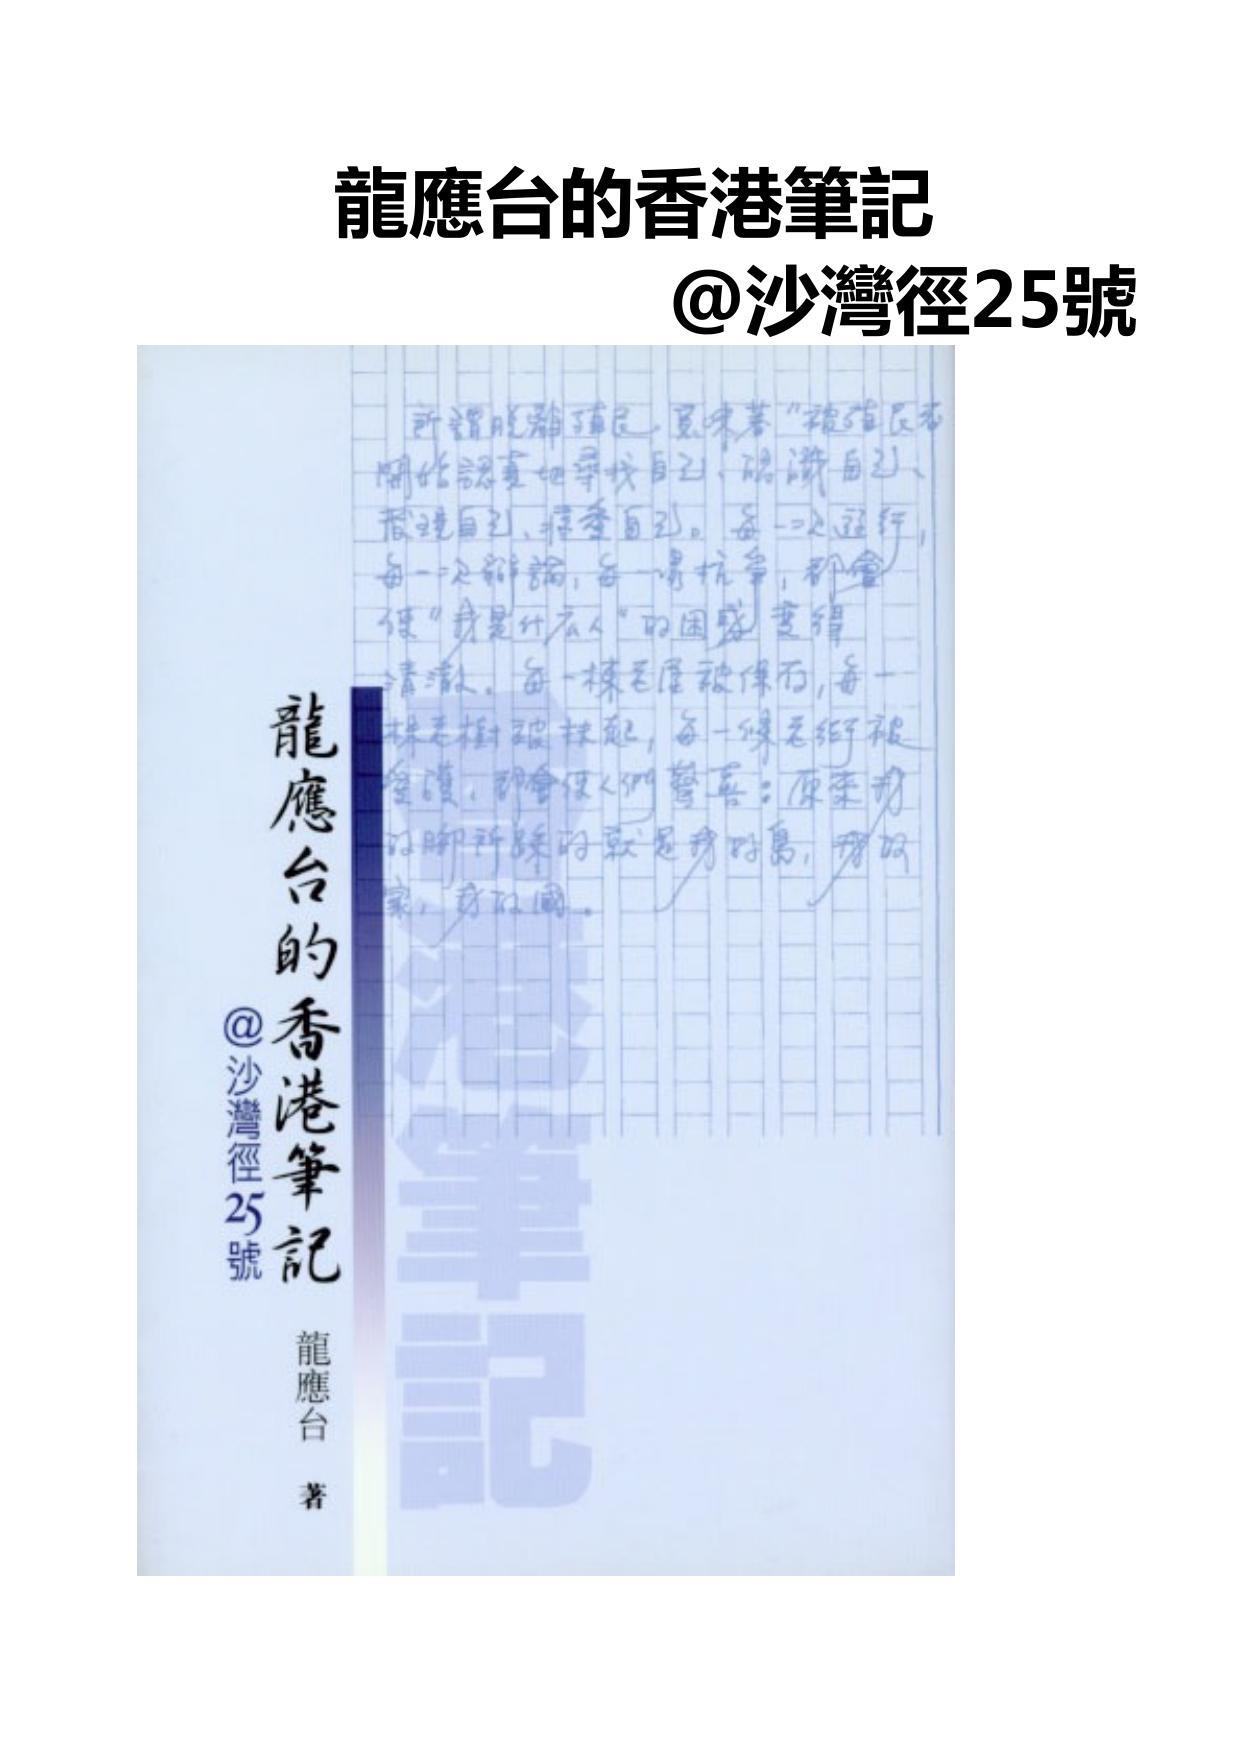 龙应台的香港笔记-@沙湾径25号.pages-免费小说下载